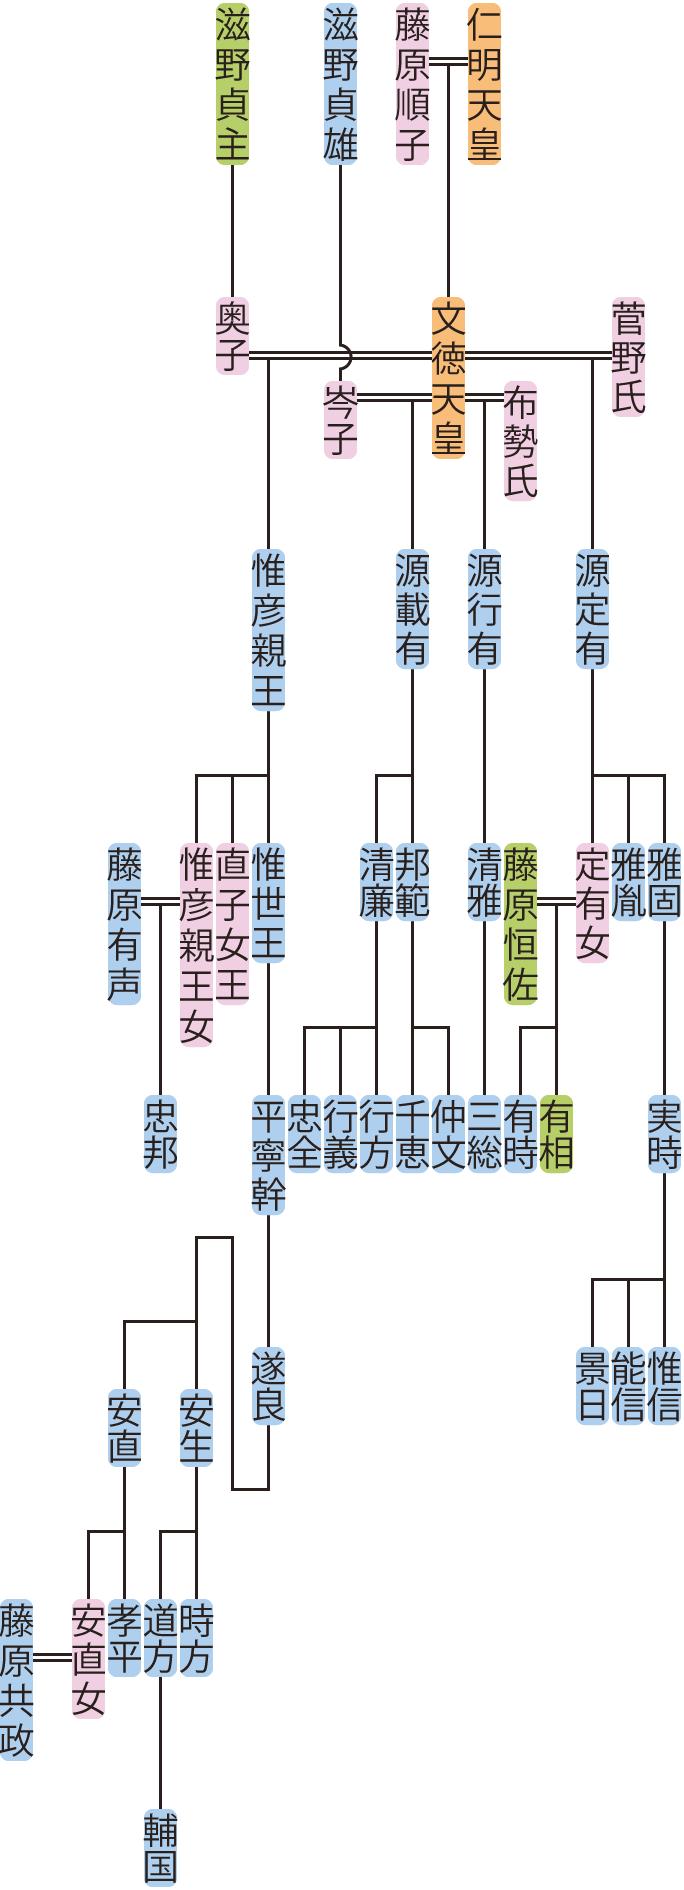 惟彦親王・源定有・行有・載有の系図